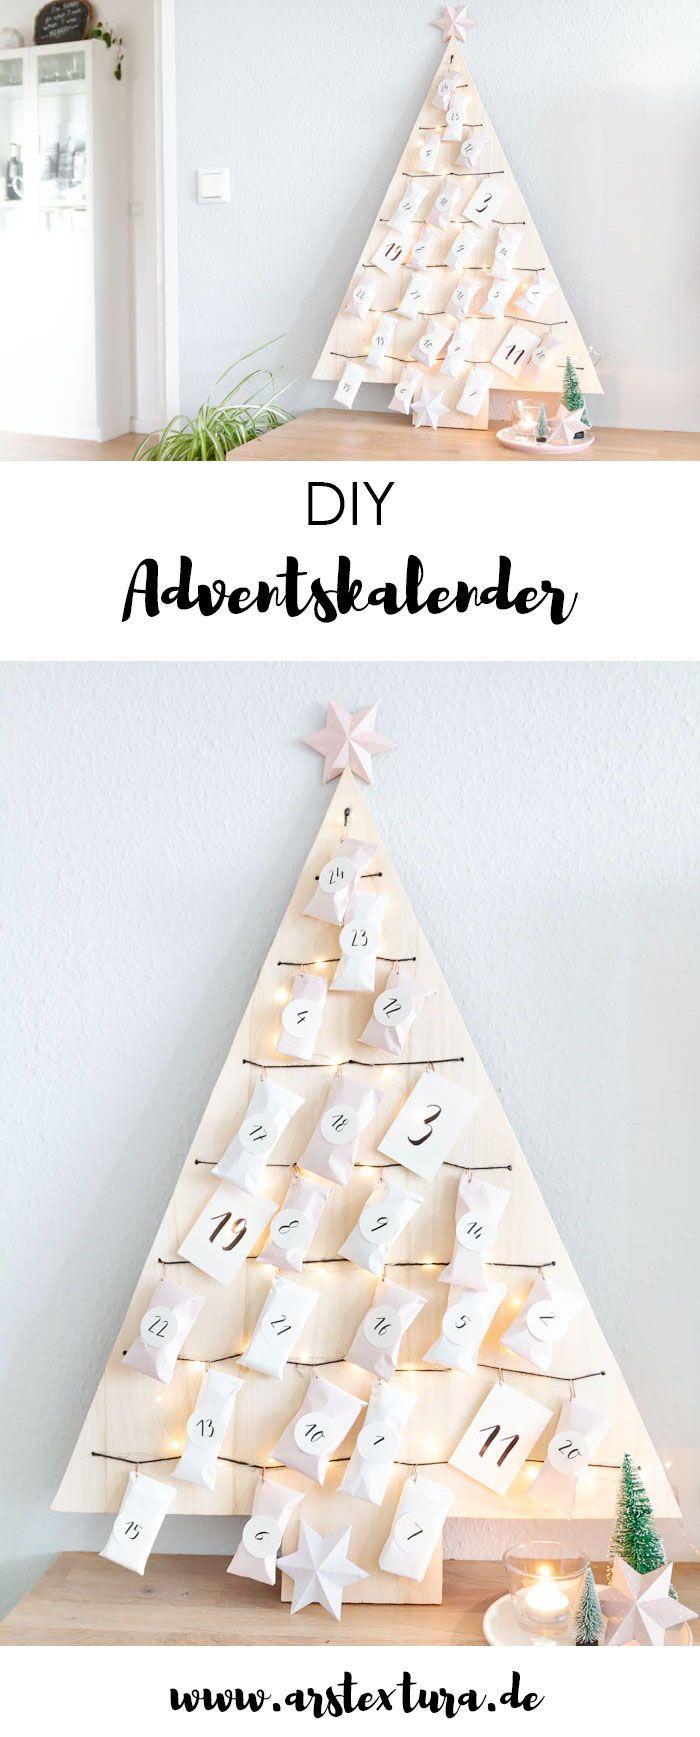 weihnachtsbaum adventskalender basteln weihnachten. Black Bedroom Furniture Sets. Home Design Ideas